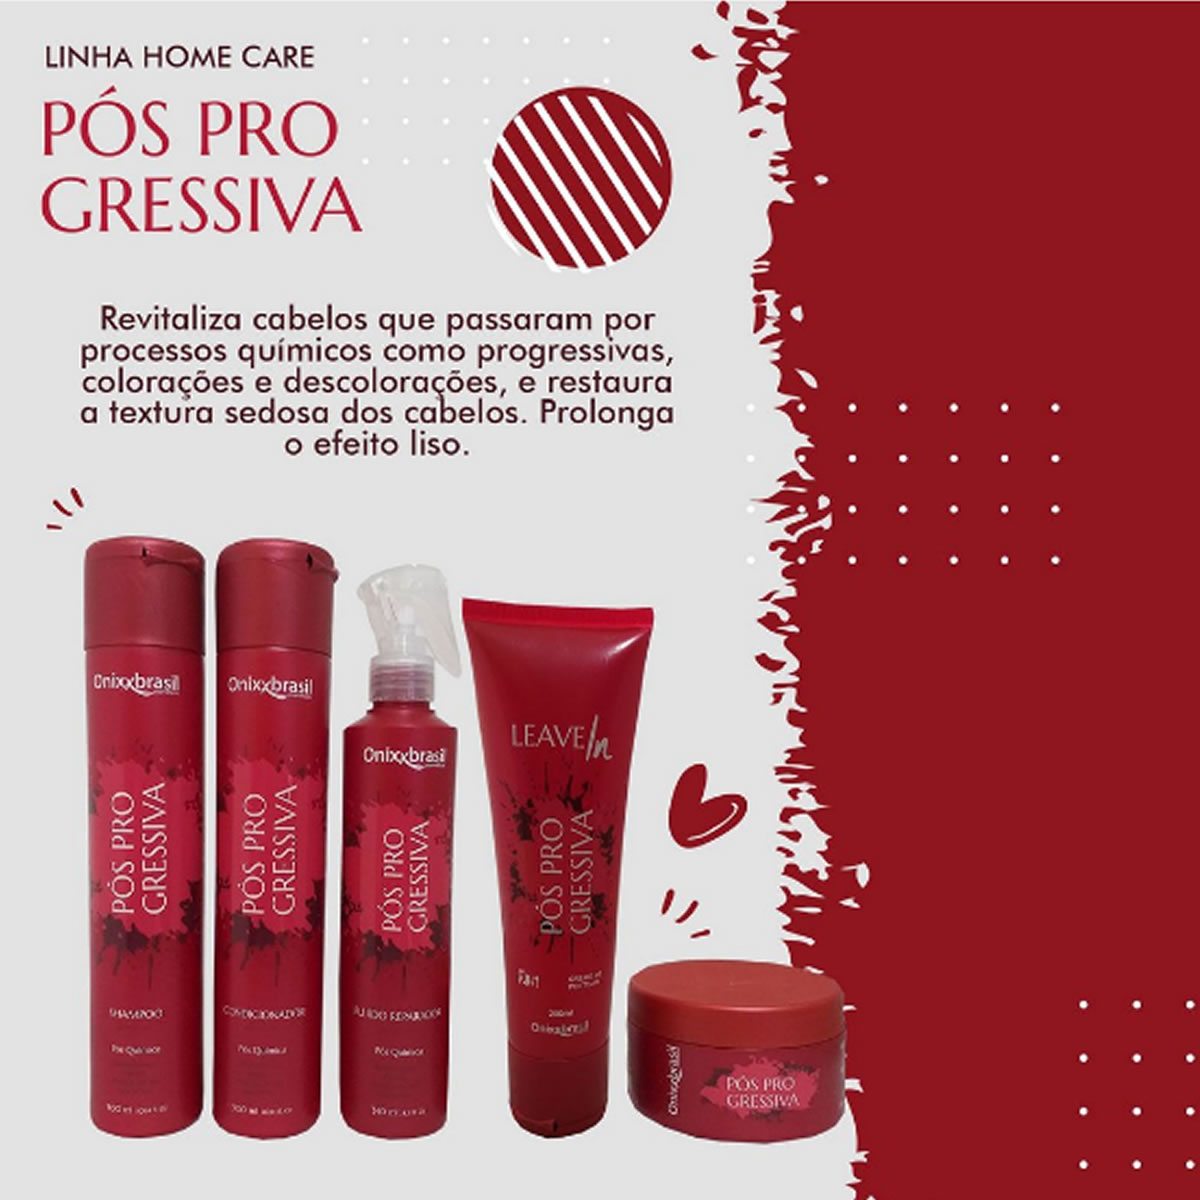 Máscara Pós Progressiva 250g - Onnixbrasil